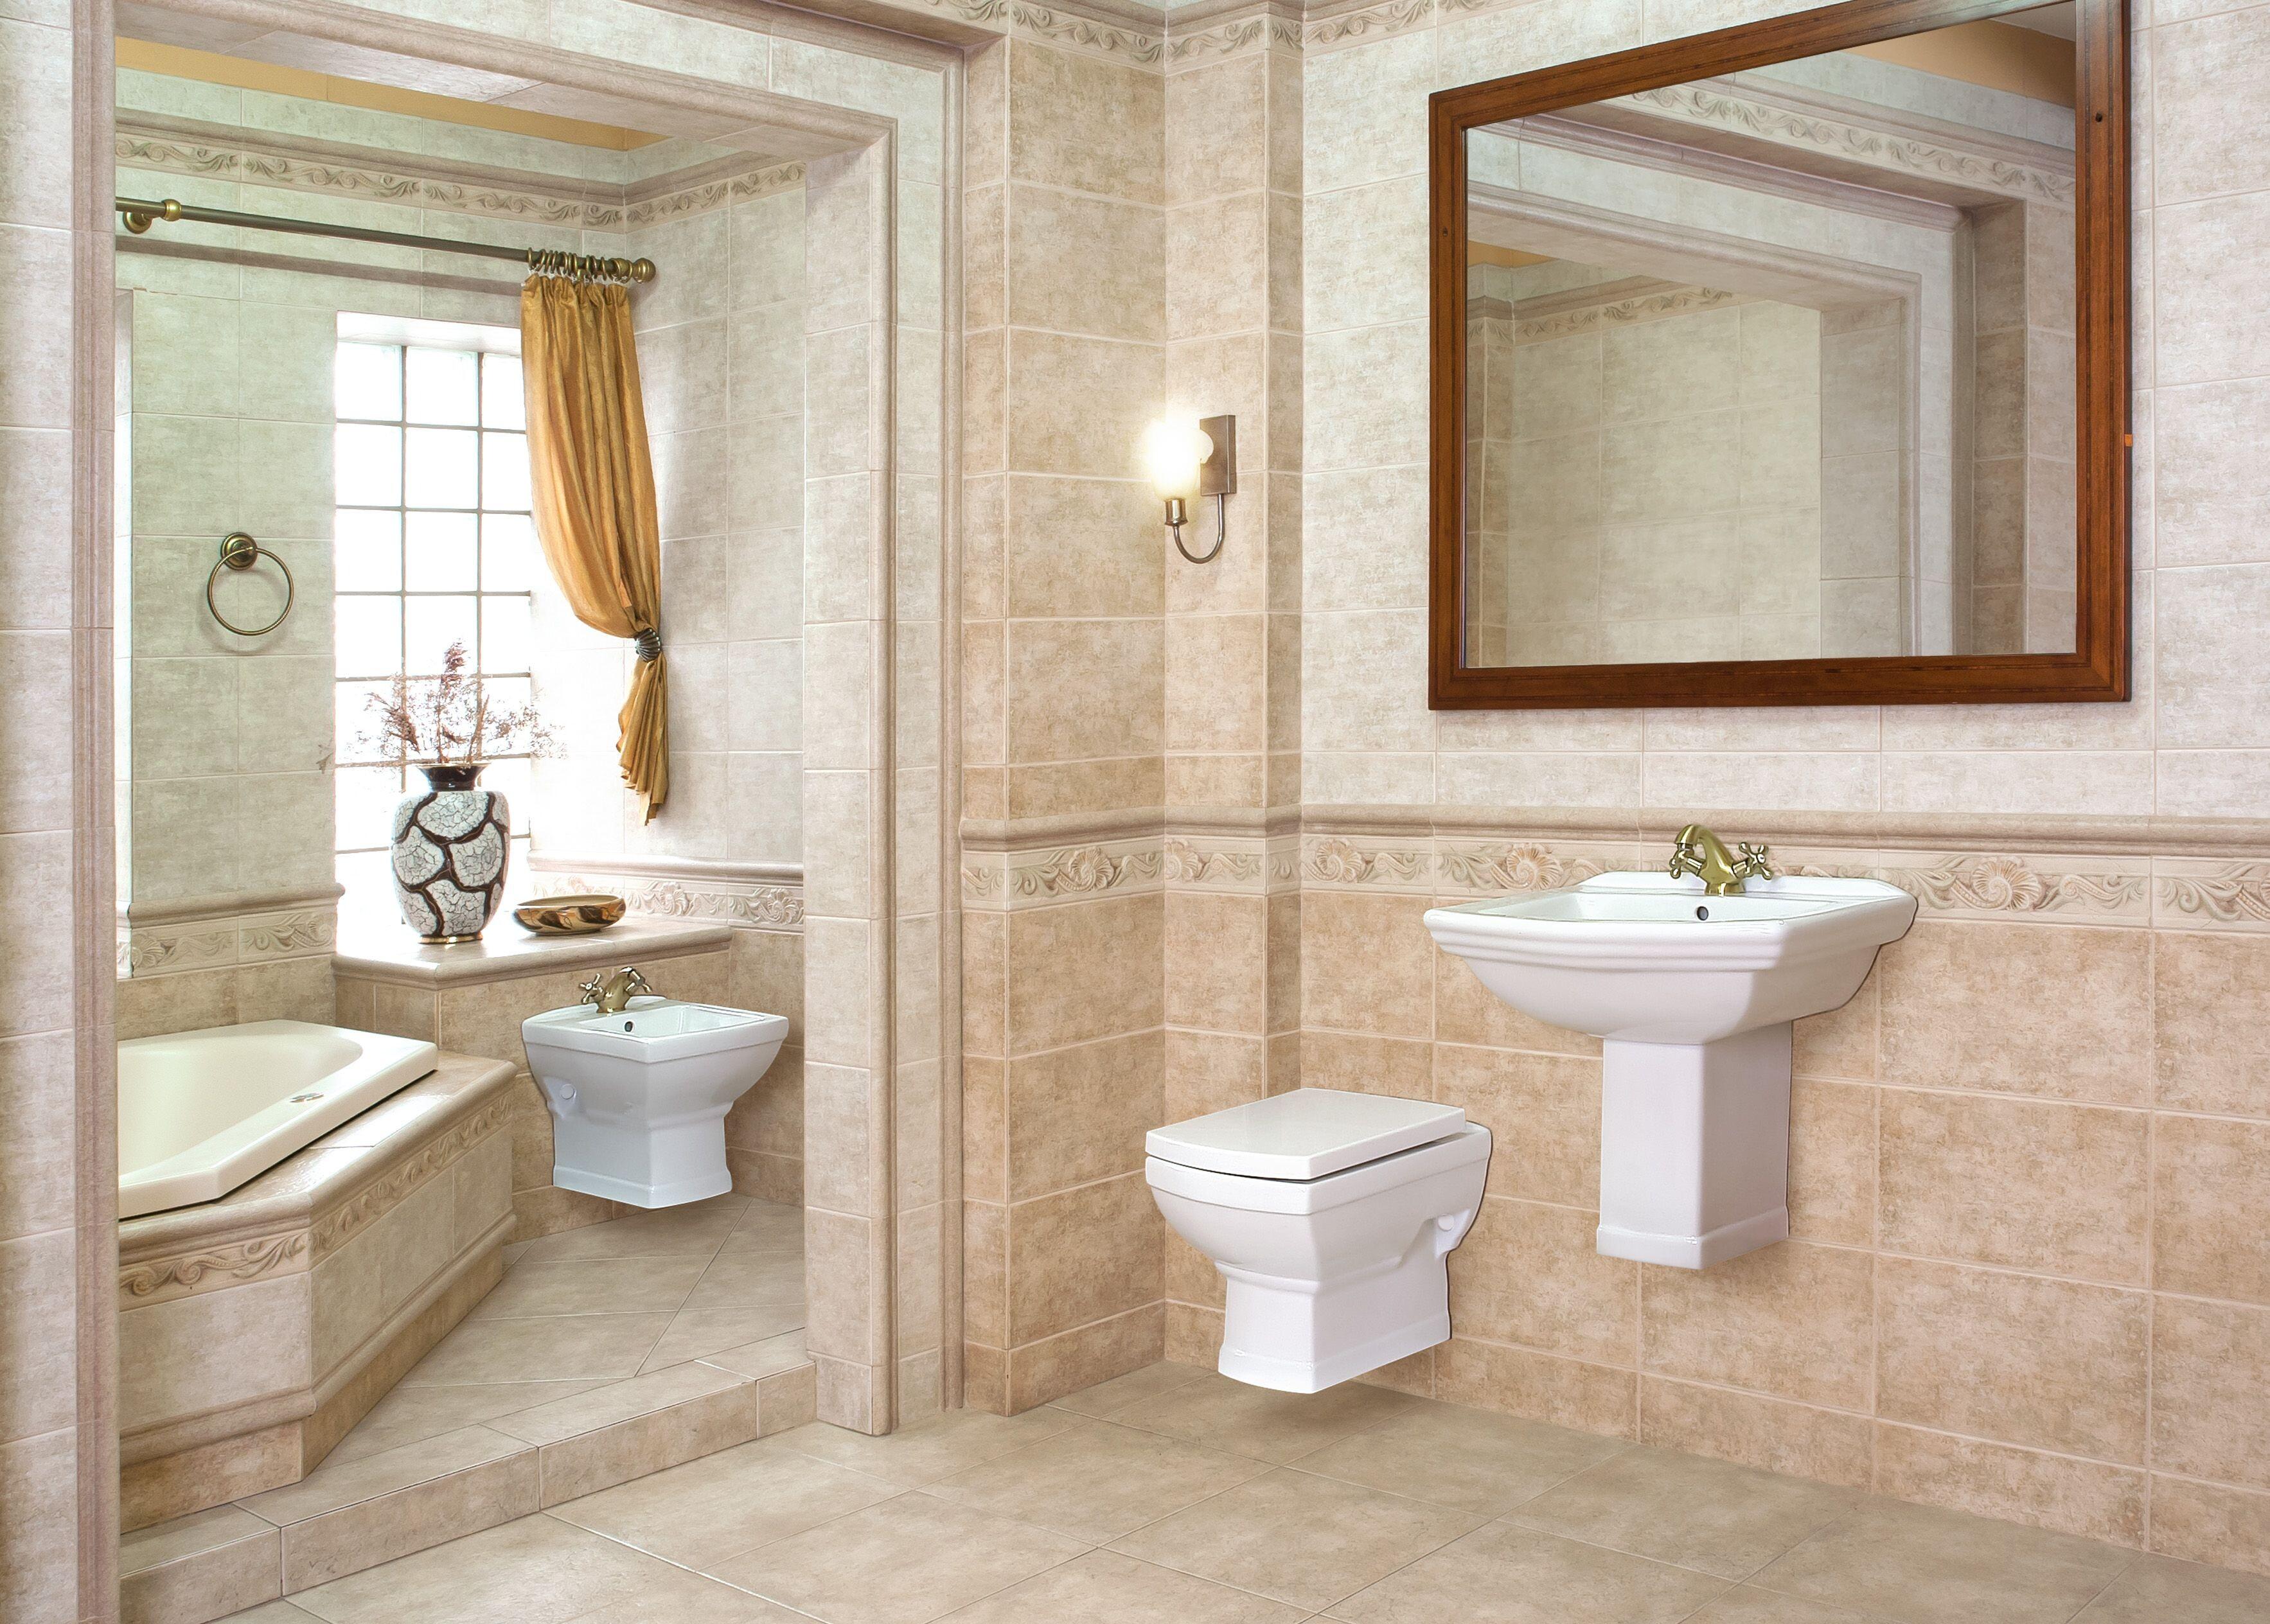 Toiletmat Hangend Toilet : Kerra kleopatra hangend toilet met zitting wit cm bs